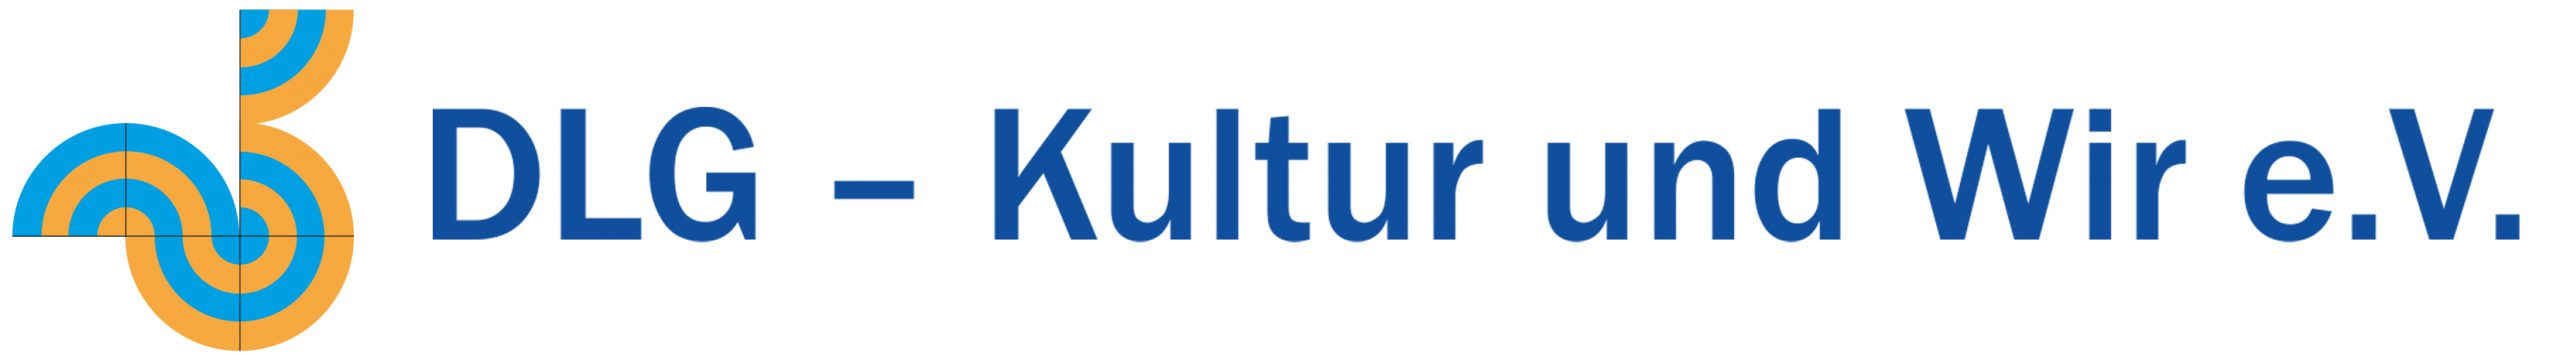 Dillinger Kulturtage